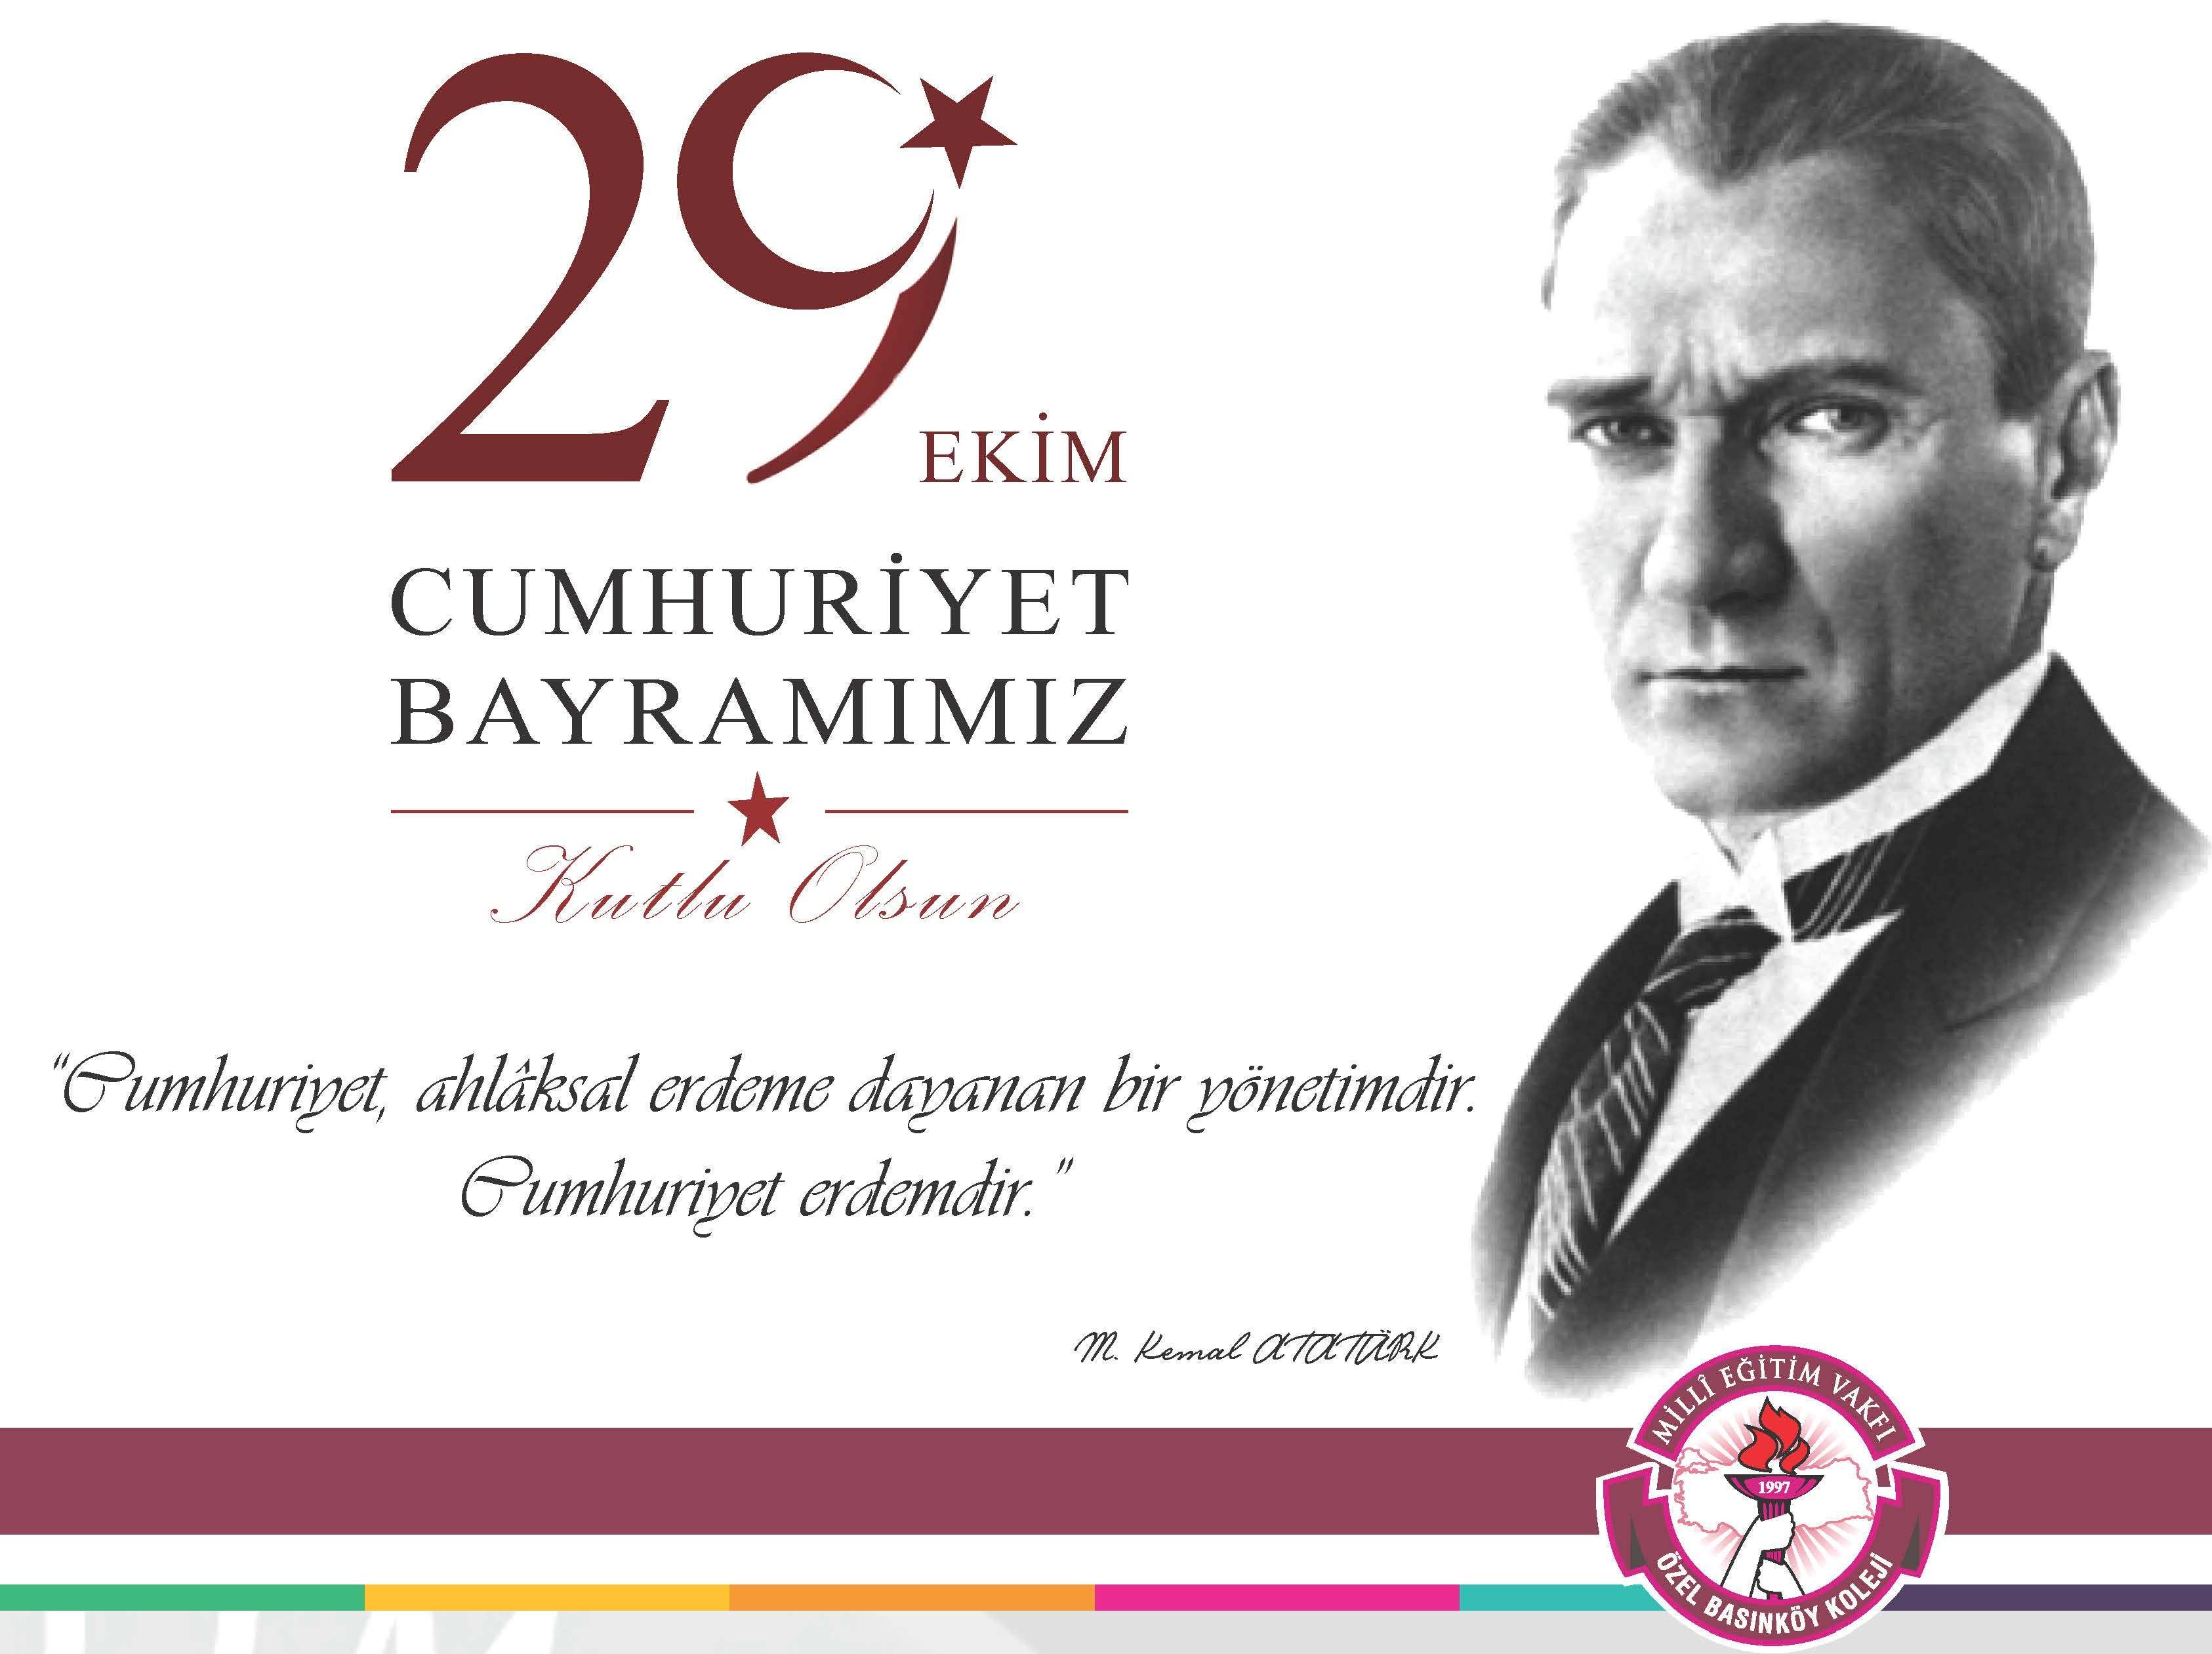 Milli Eğitim Vakfı Yönetim Kurulu Başkanımız Sayın İhsan Özçukurlu'nun 29 Ekim Cumhuriyet Bayramı Mesajı